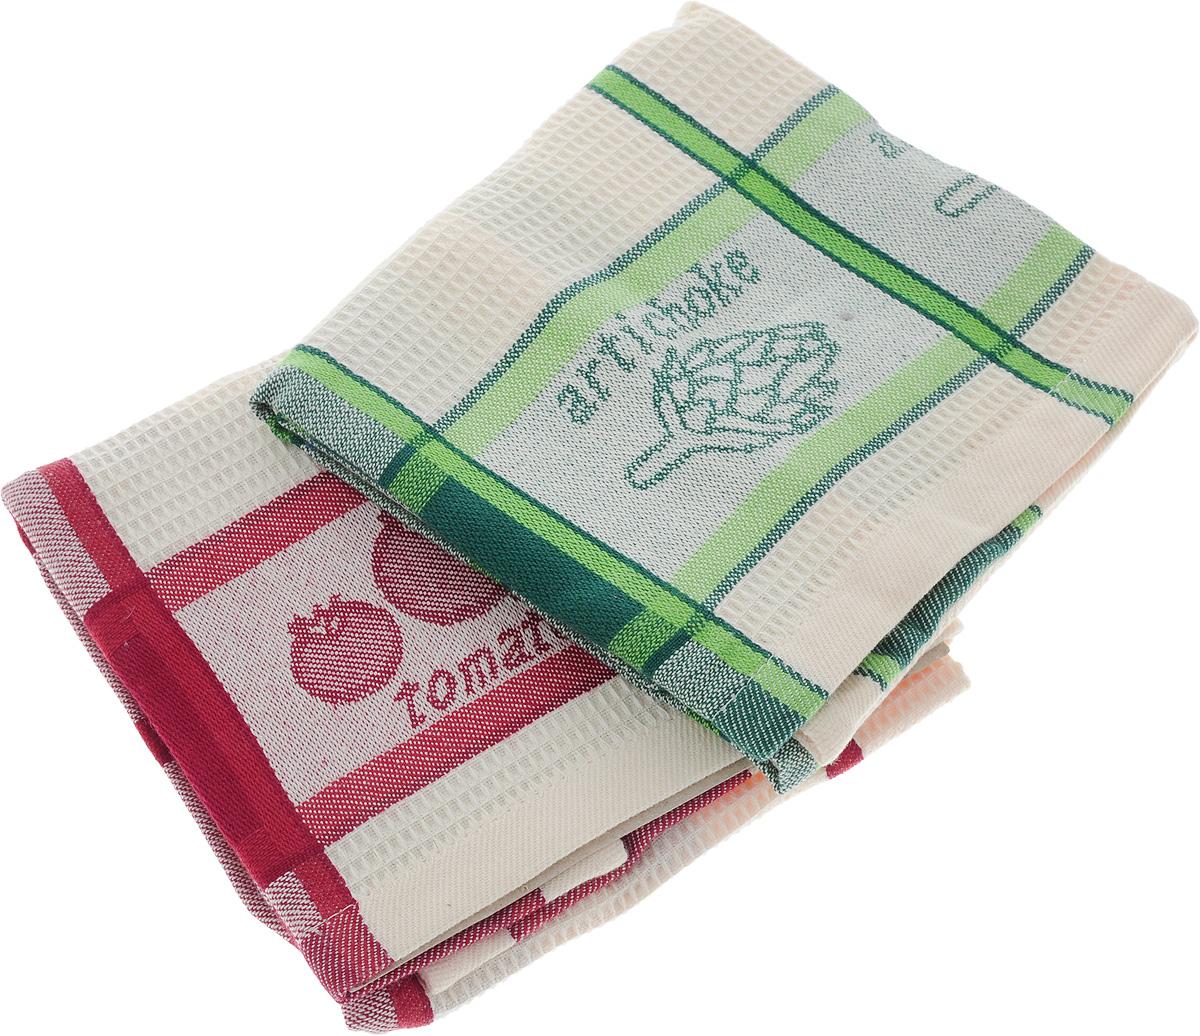 Набор кухонных полотенец Toalla Дача, 40 x 60 см, 2 шт9400435Набор Toalla Дача состоит из двух прямоугольных полотенец, выполненных из 100% хлопка. Ткань полотенец обладает высокой плотностью и мягкостью, отличается высоким качеством и длительным сроком службы. В процессе эксплуатации материал становится только мягче и приятней на ощупь. Египетский хлопок не содержит линта (хлопковый пух), поэтому на ткани не образуются катышки даже после многократных стирок и длительного использования. Сверхдлинные волокна придают ткани характерный красивый блеск. Полотенца отлично впитывают влагу и быстро сохнут. Набор предназначен для использования на кухне и в столовой. олотенца дополнены изящным вышитым бордюром. Набор полотенец Toalla Дача - отличное приобретение для каждой хозяйки.